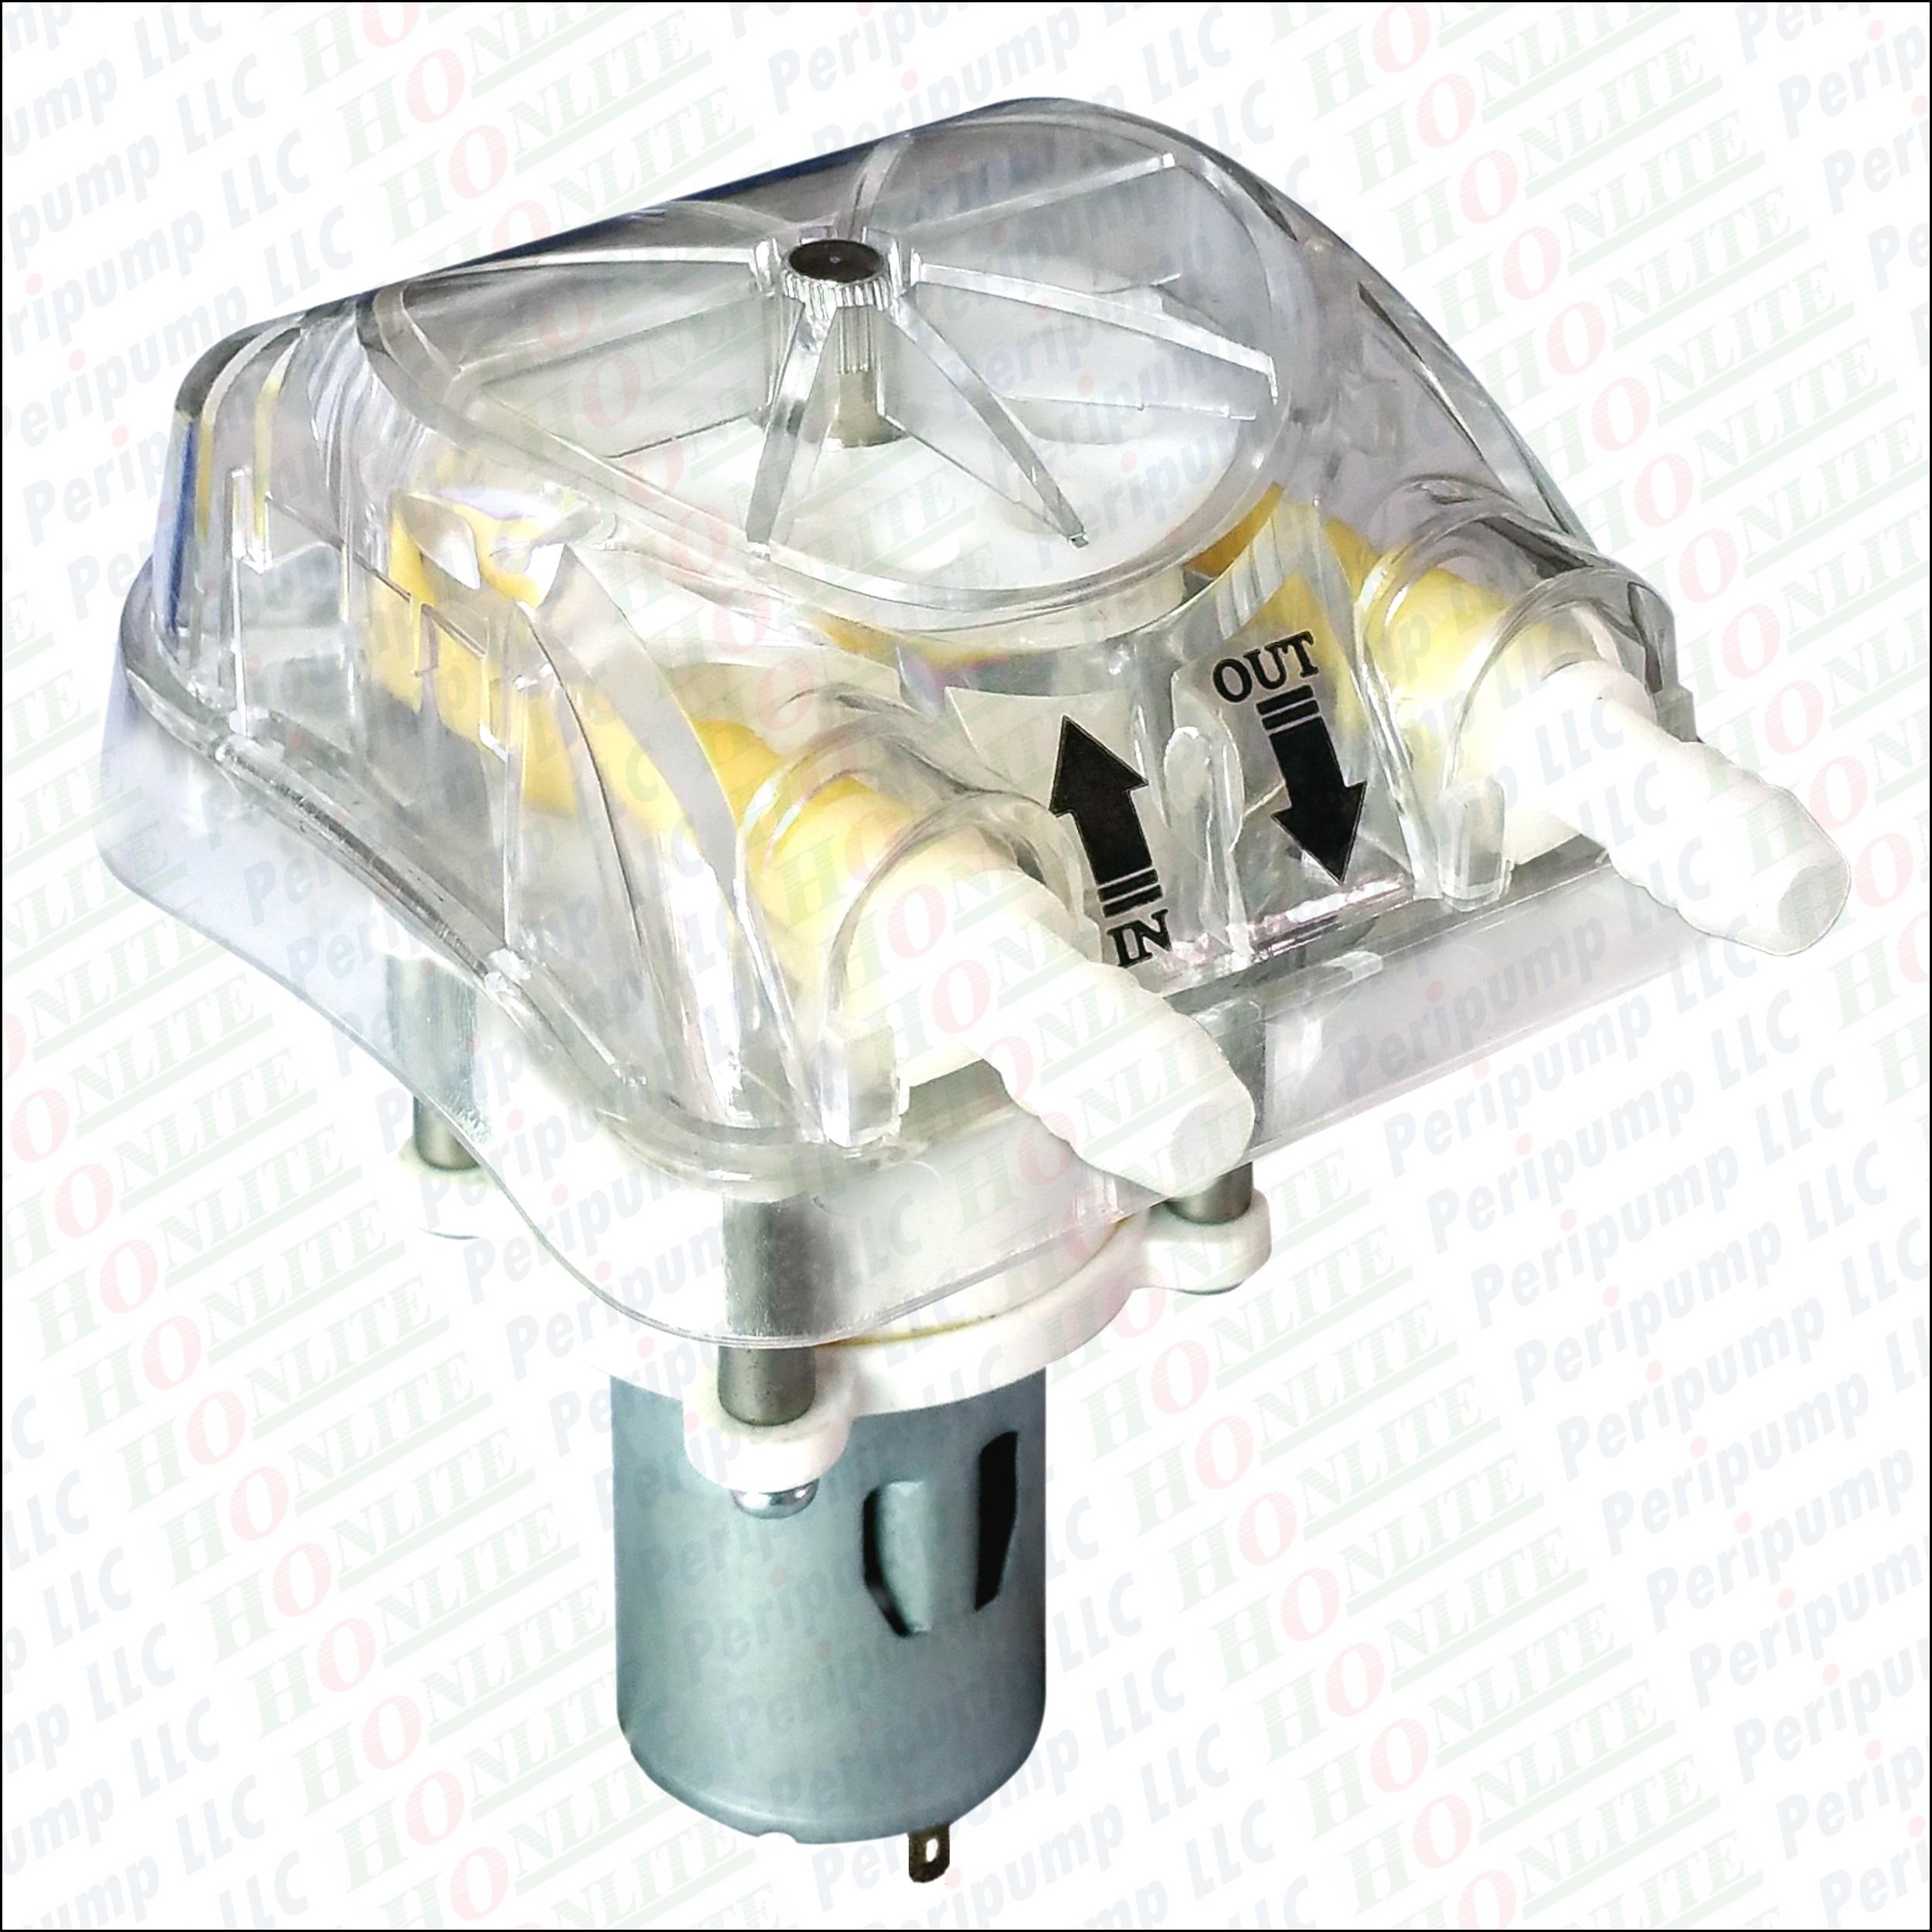 1000 مللي/دقيقة ، 30psi ، 12Vdc تحوي مضخة مع صرف مضخة رئيس في شفافة و فارميد BPT تحوي أنبوب